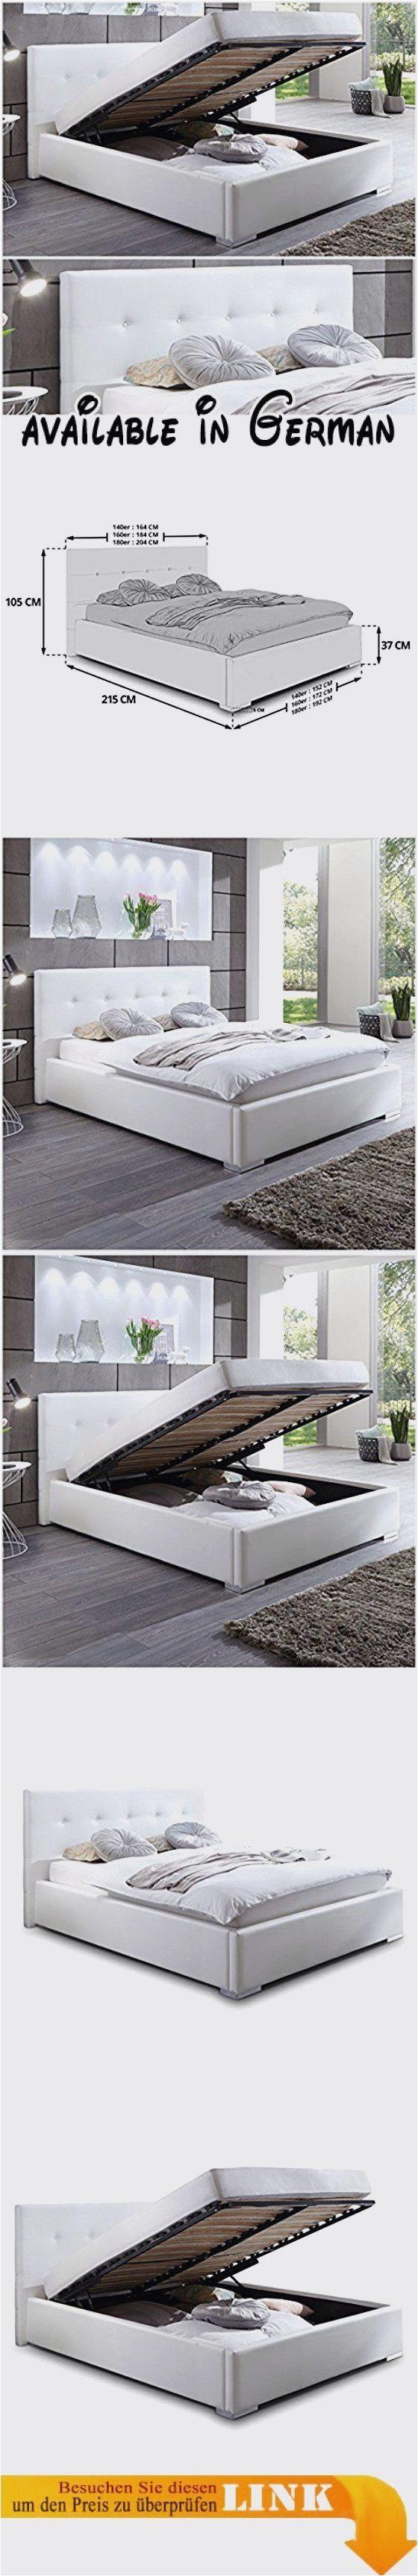 Tete De Lit Ikea Malm Magnifique Lit 160 Cm 23 160 Cm Bett Advanced Cadre De Lit Ikea Malm Ikea Lit